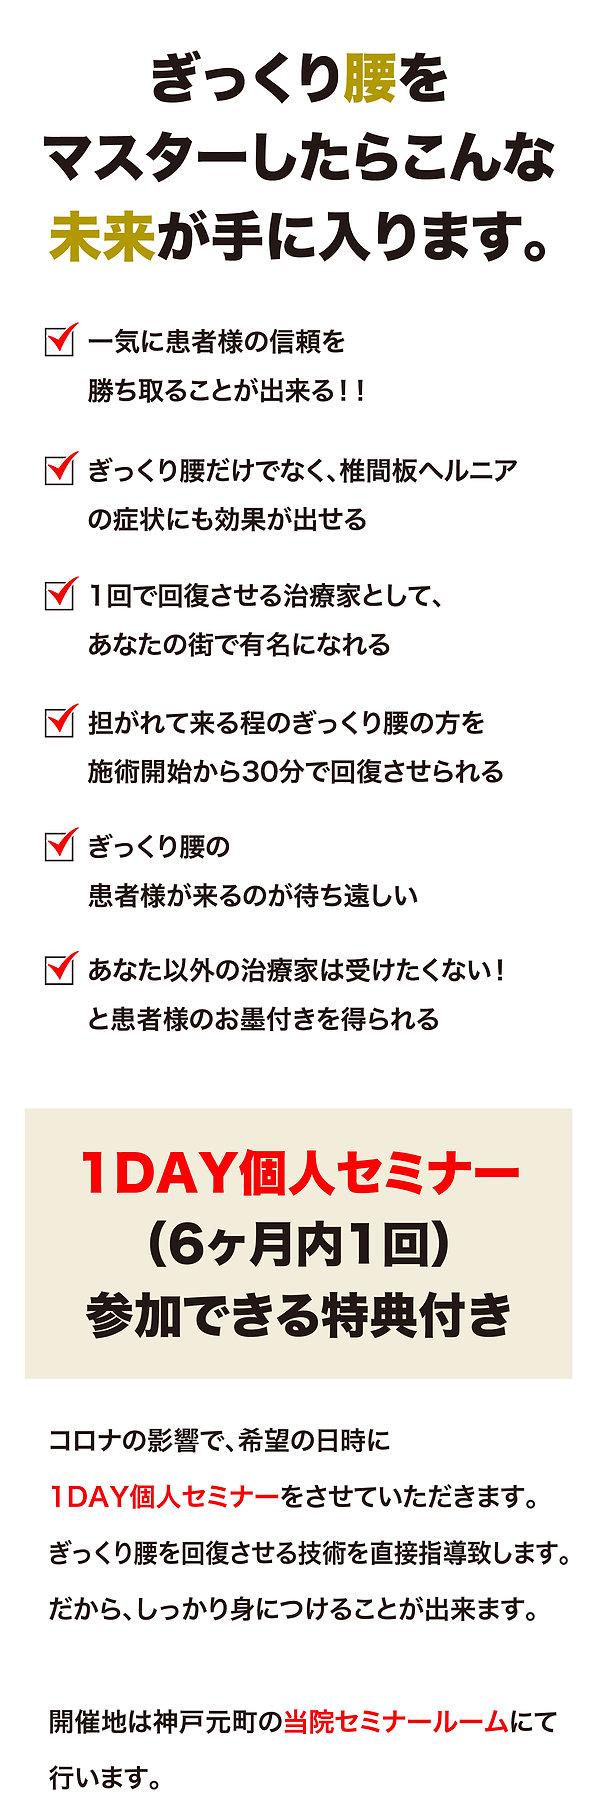 ぎっくり腰セミナー_メインページ_210107-24.jpg